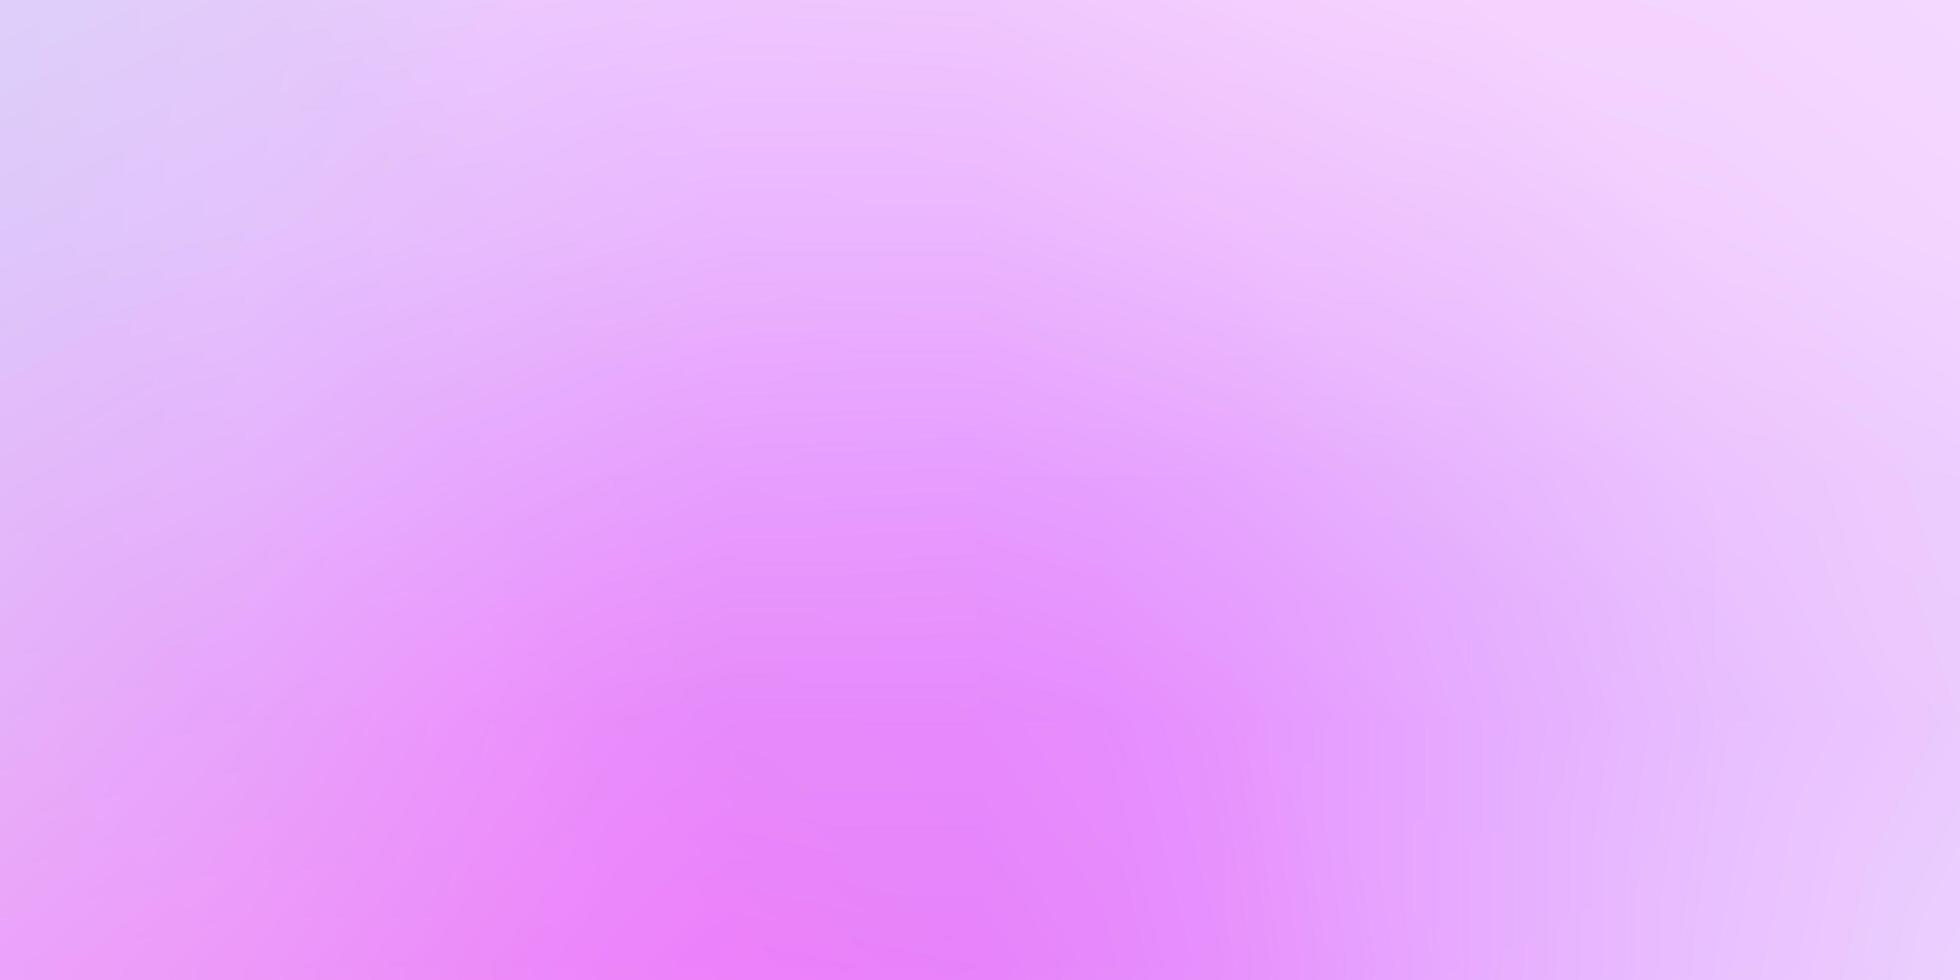 luz roxa vetor abstrato textura brilhante.